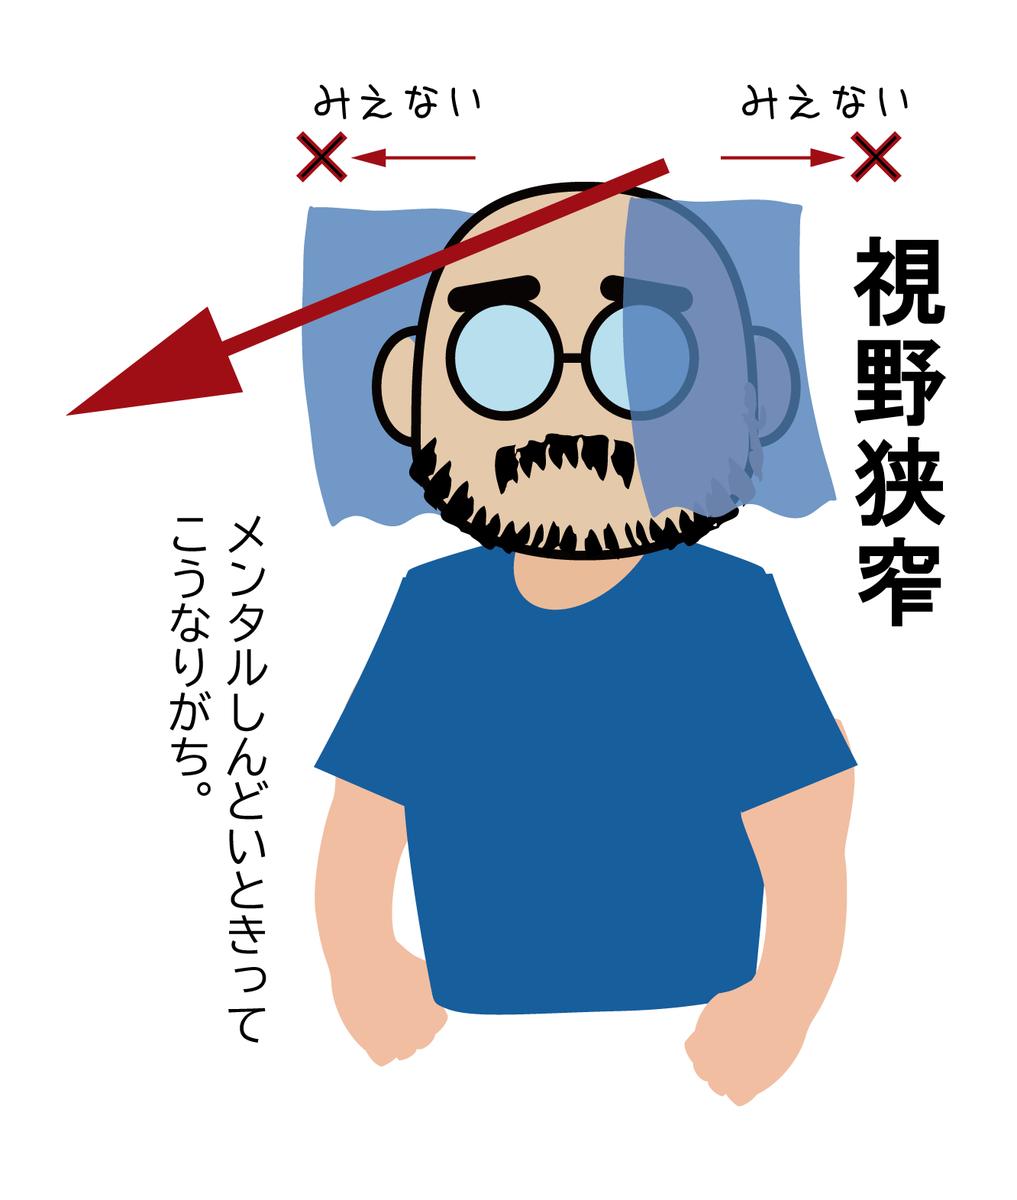 f:id:oji-3:20210122185611p:plain